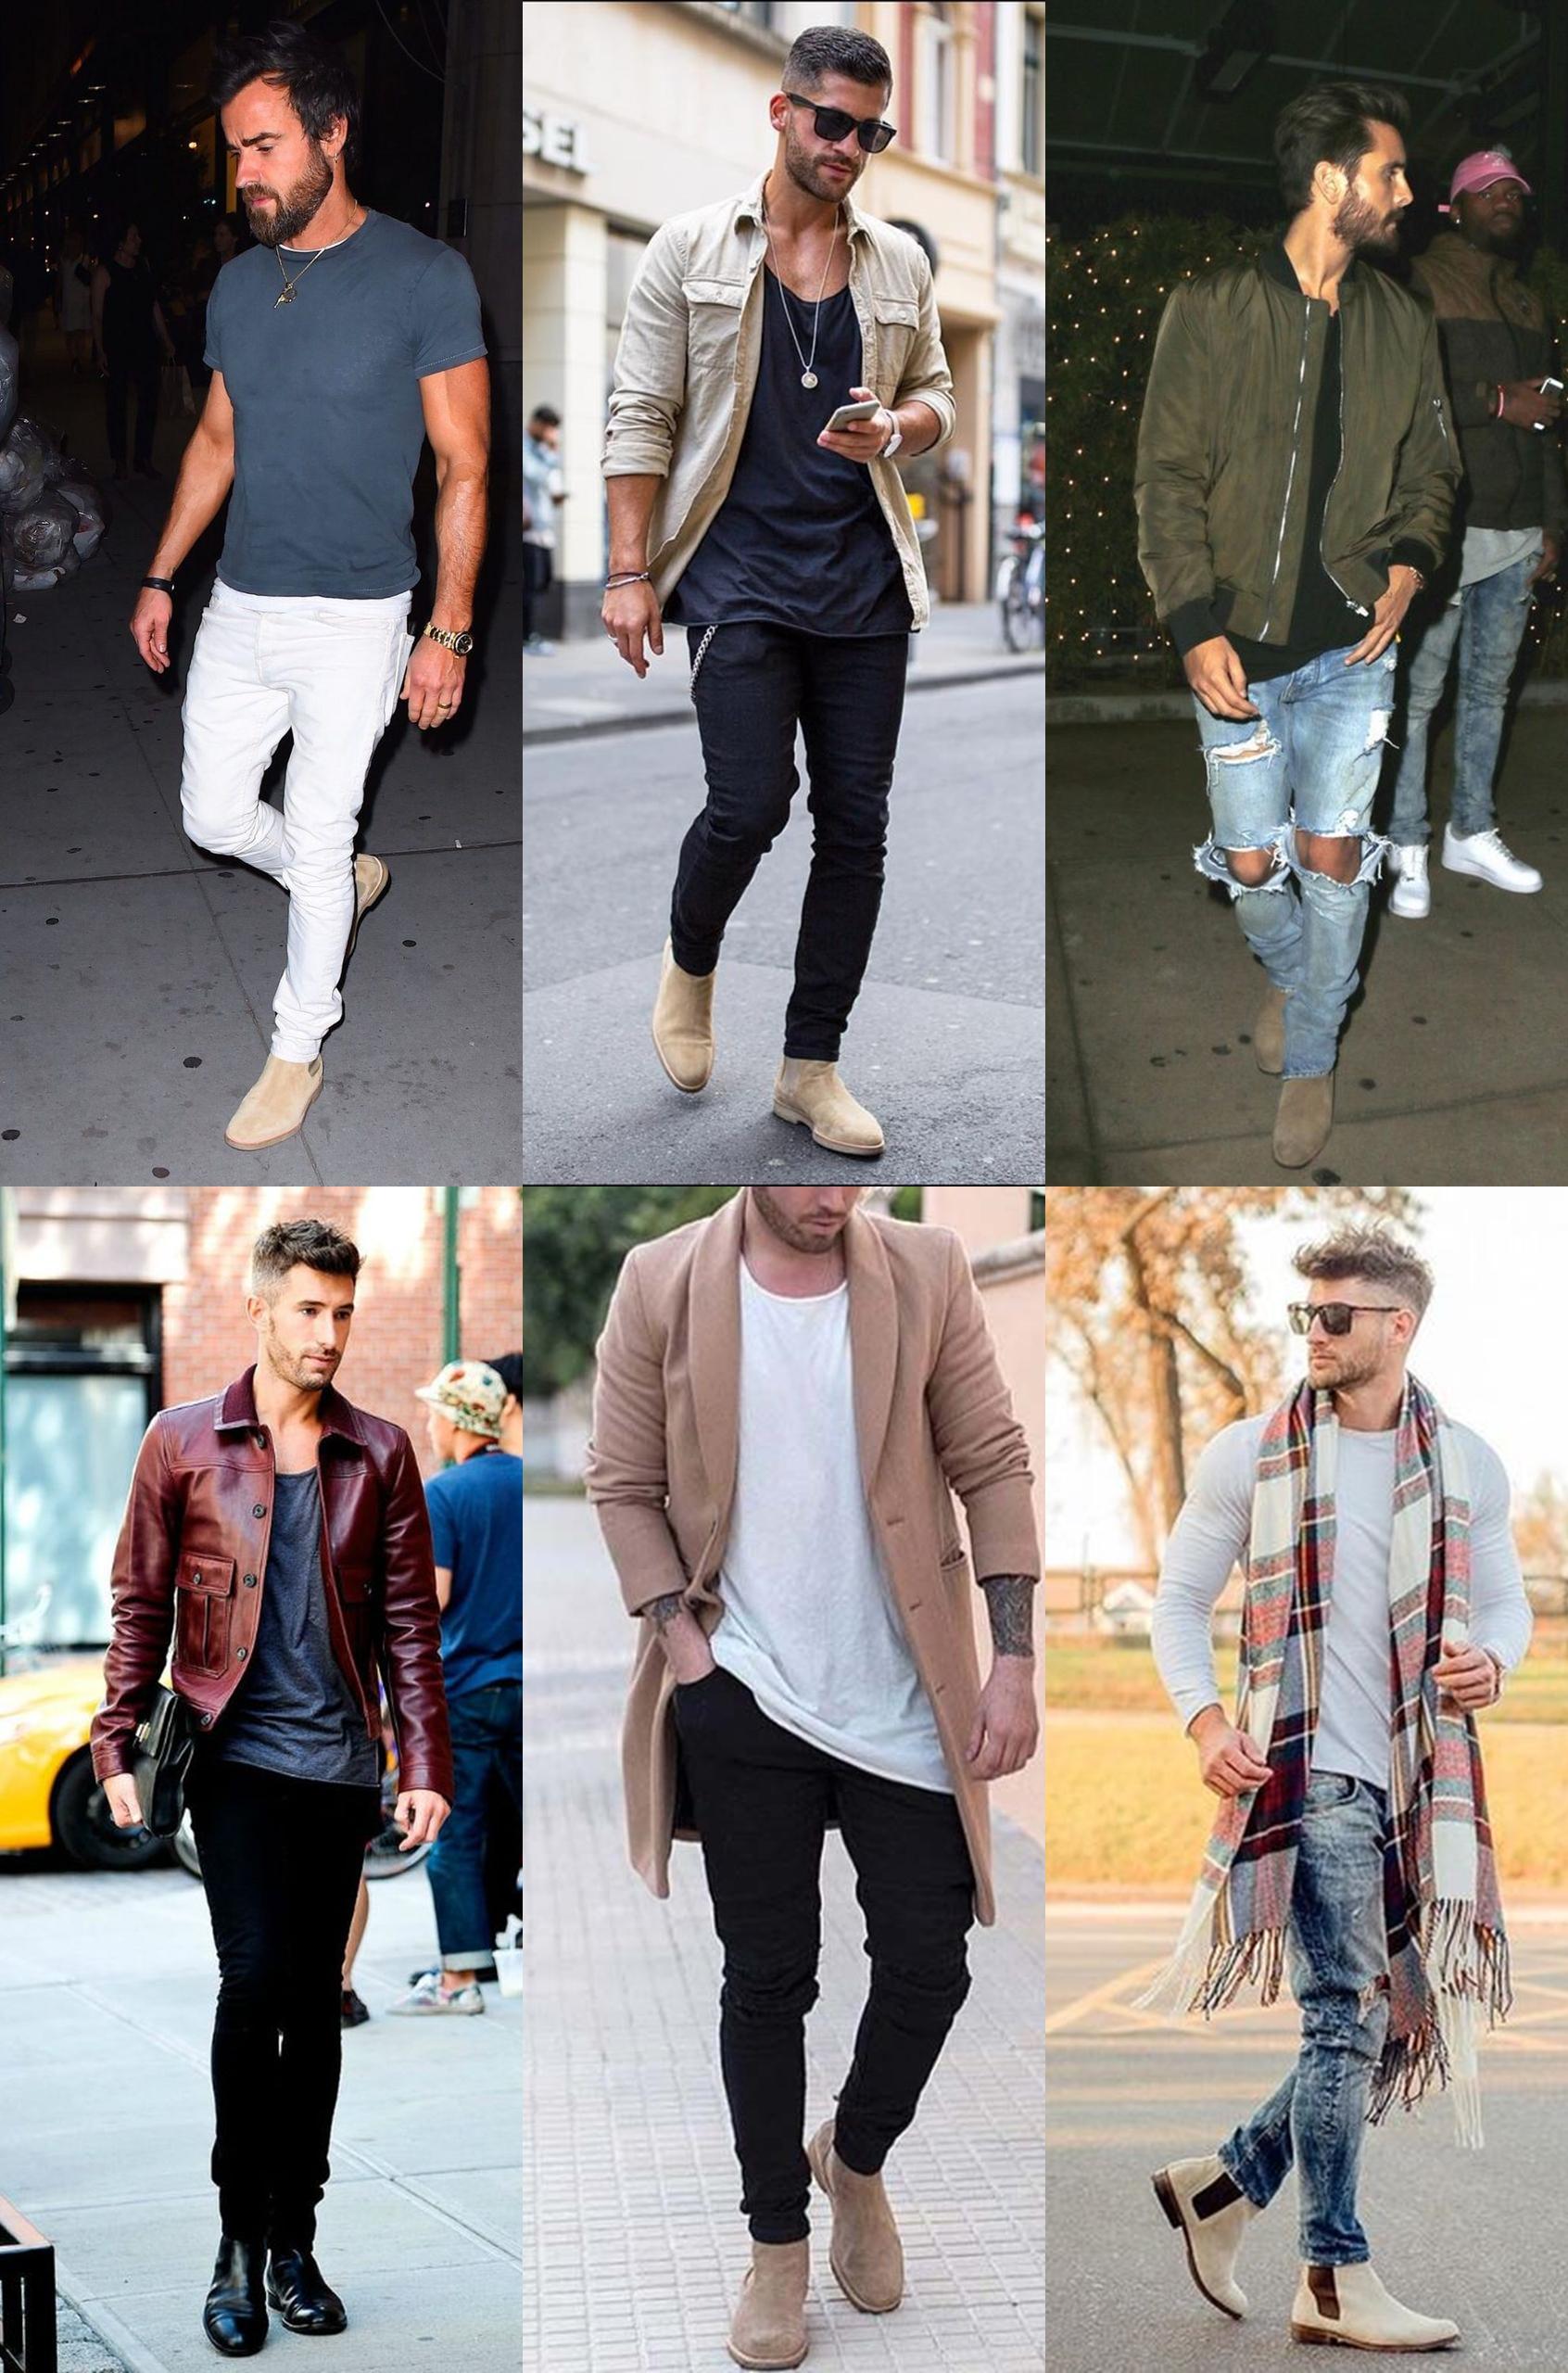 botina masculina 2017, bota masculina 2017, calçado masculino 2017, tendencia masculina 2017, blog de moda masculina, dicas de moda para homens, (2)